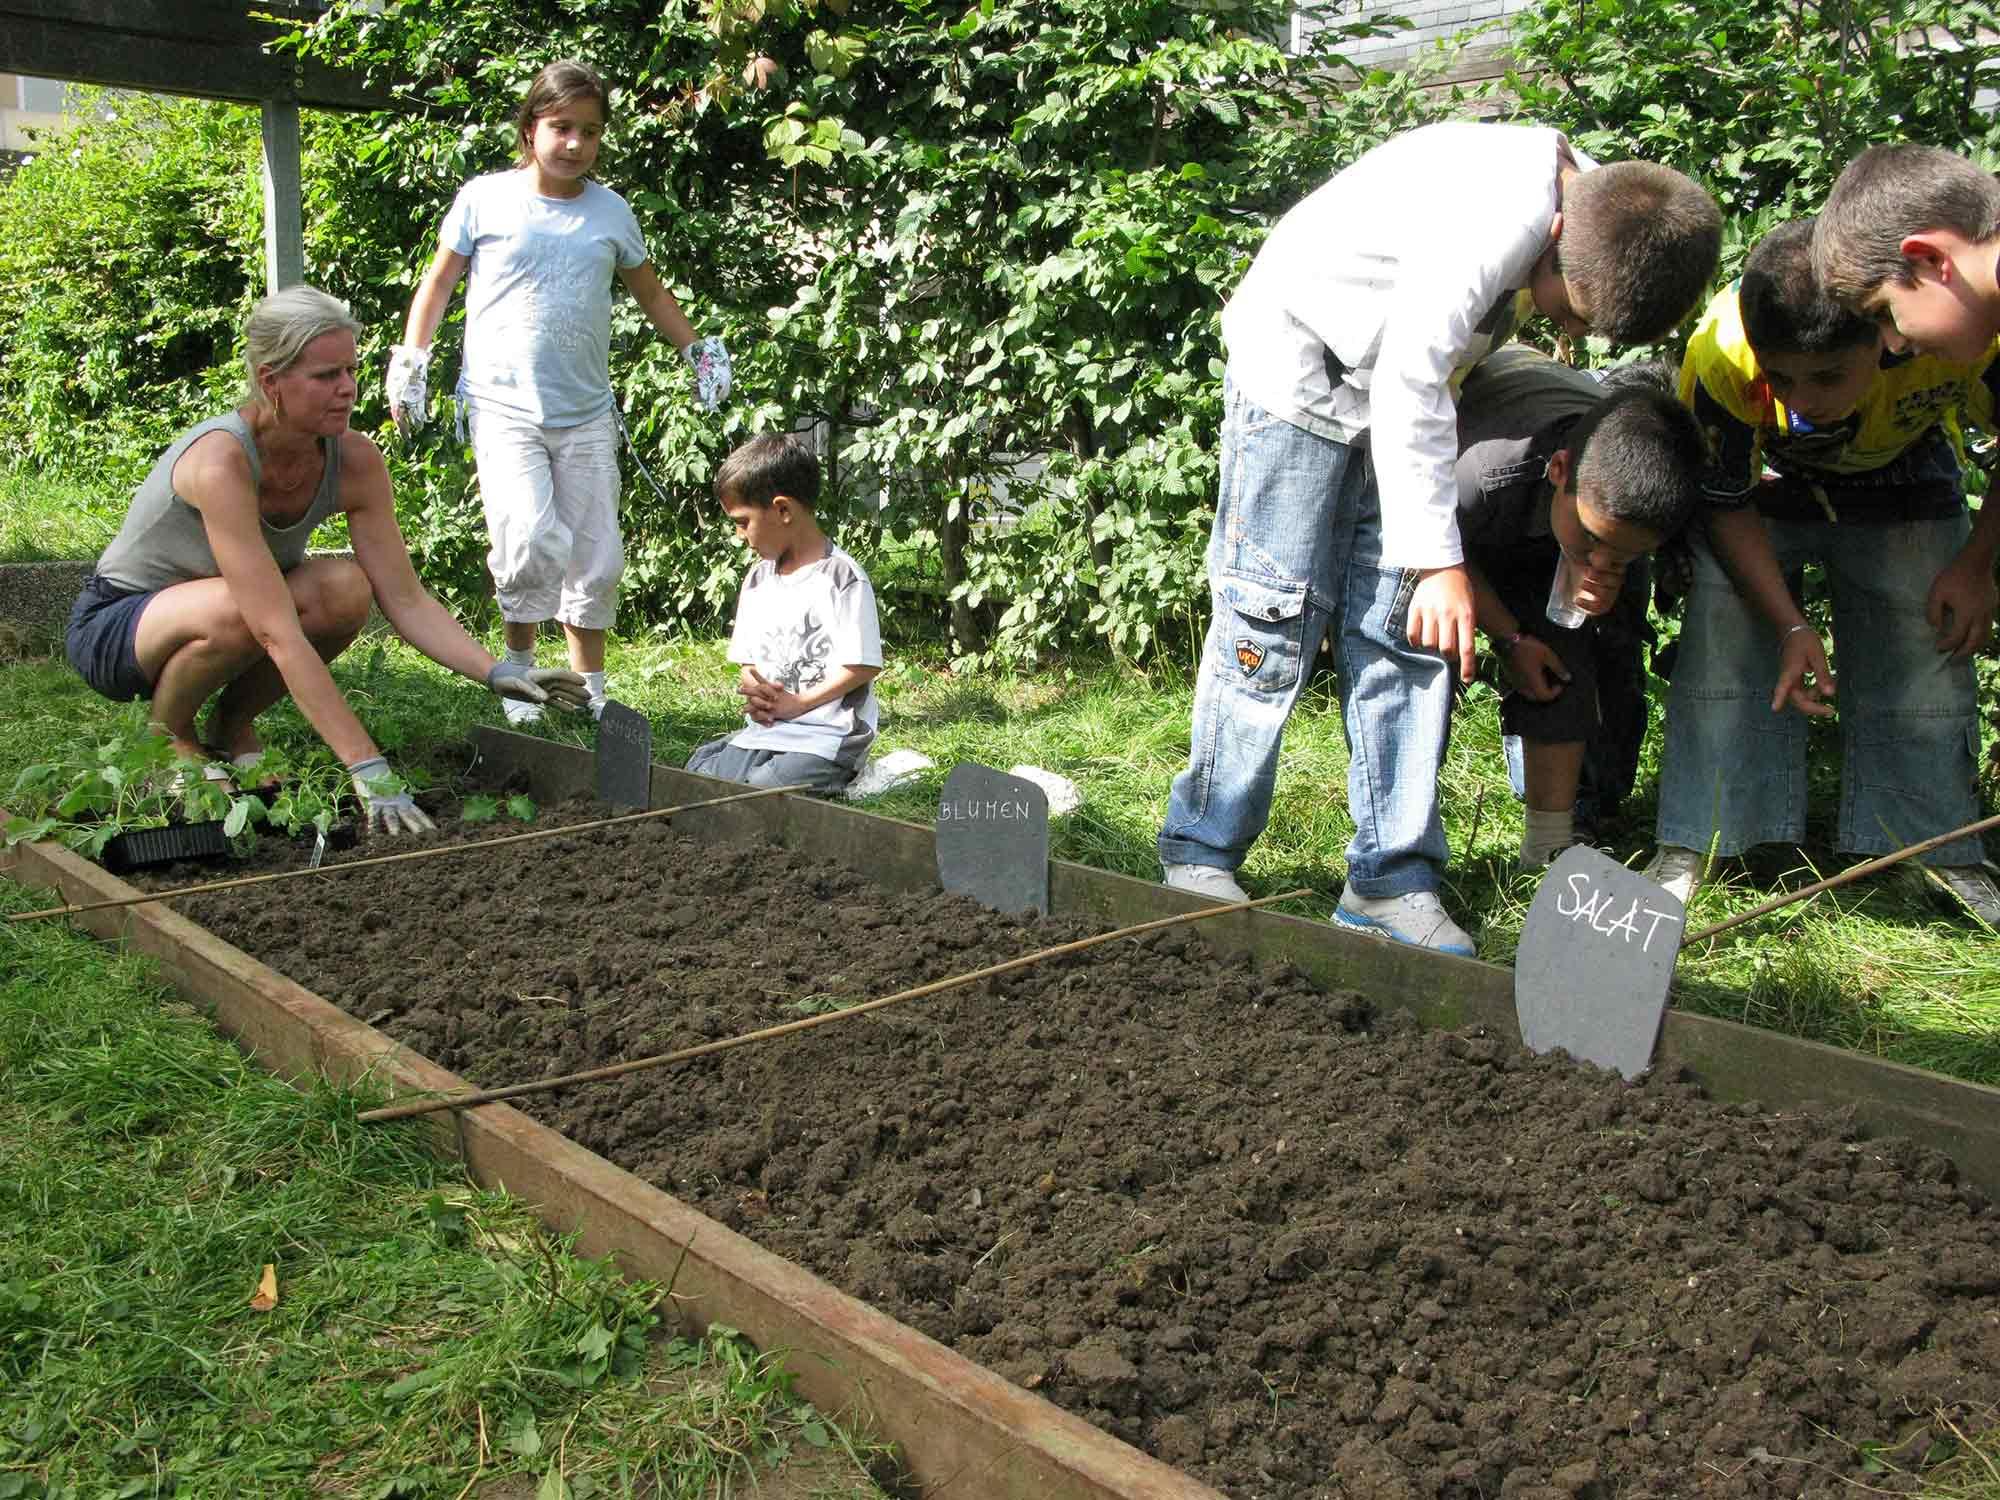 Apolonija Šušteršič, Hustadt Project, Gardening with Susanne Breindenbach.